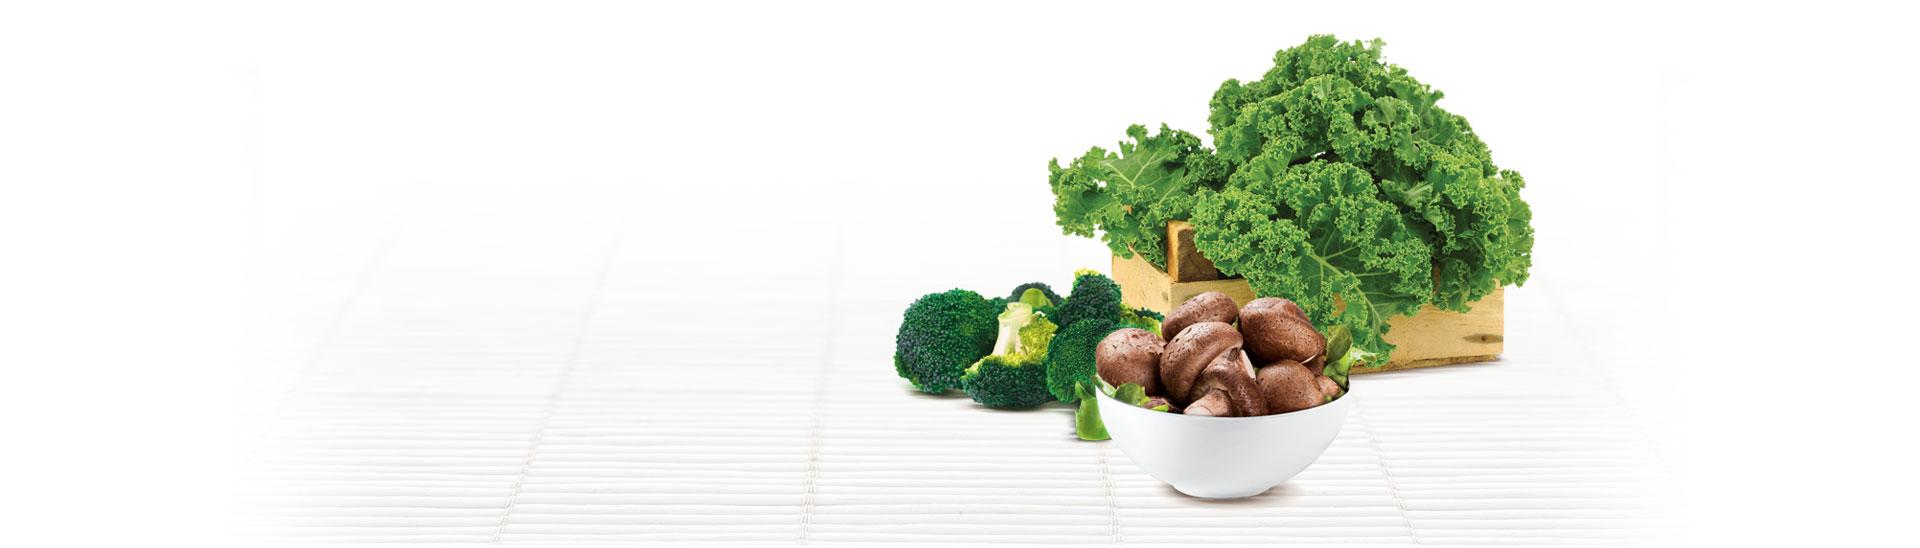 Kale, Broccoli, and Shiitake